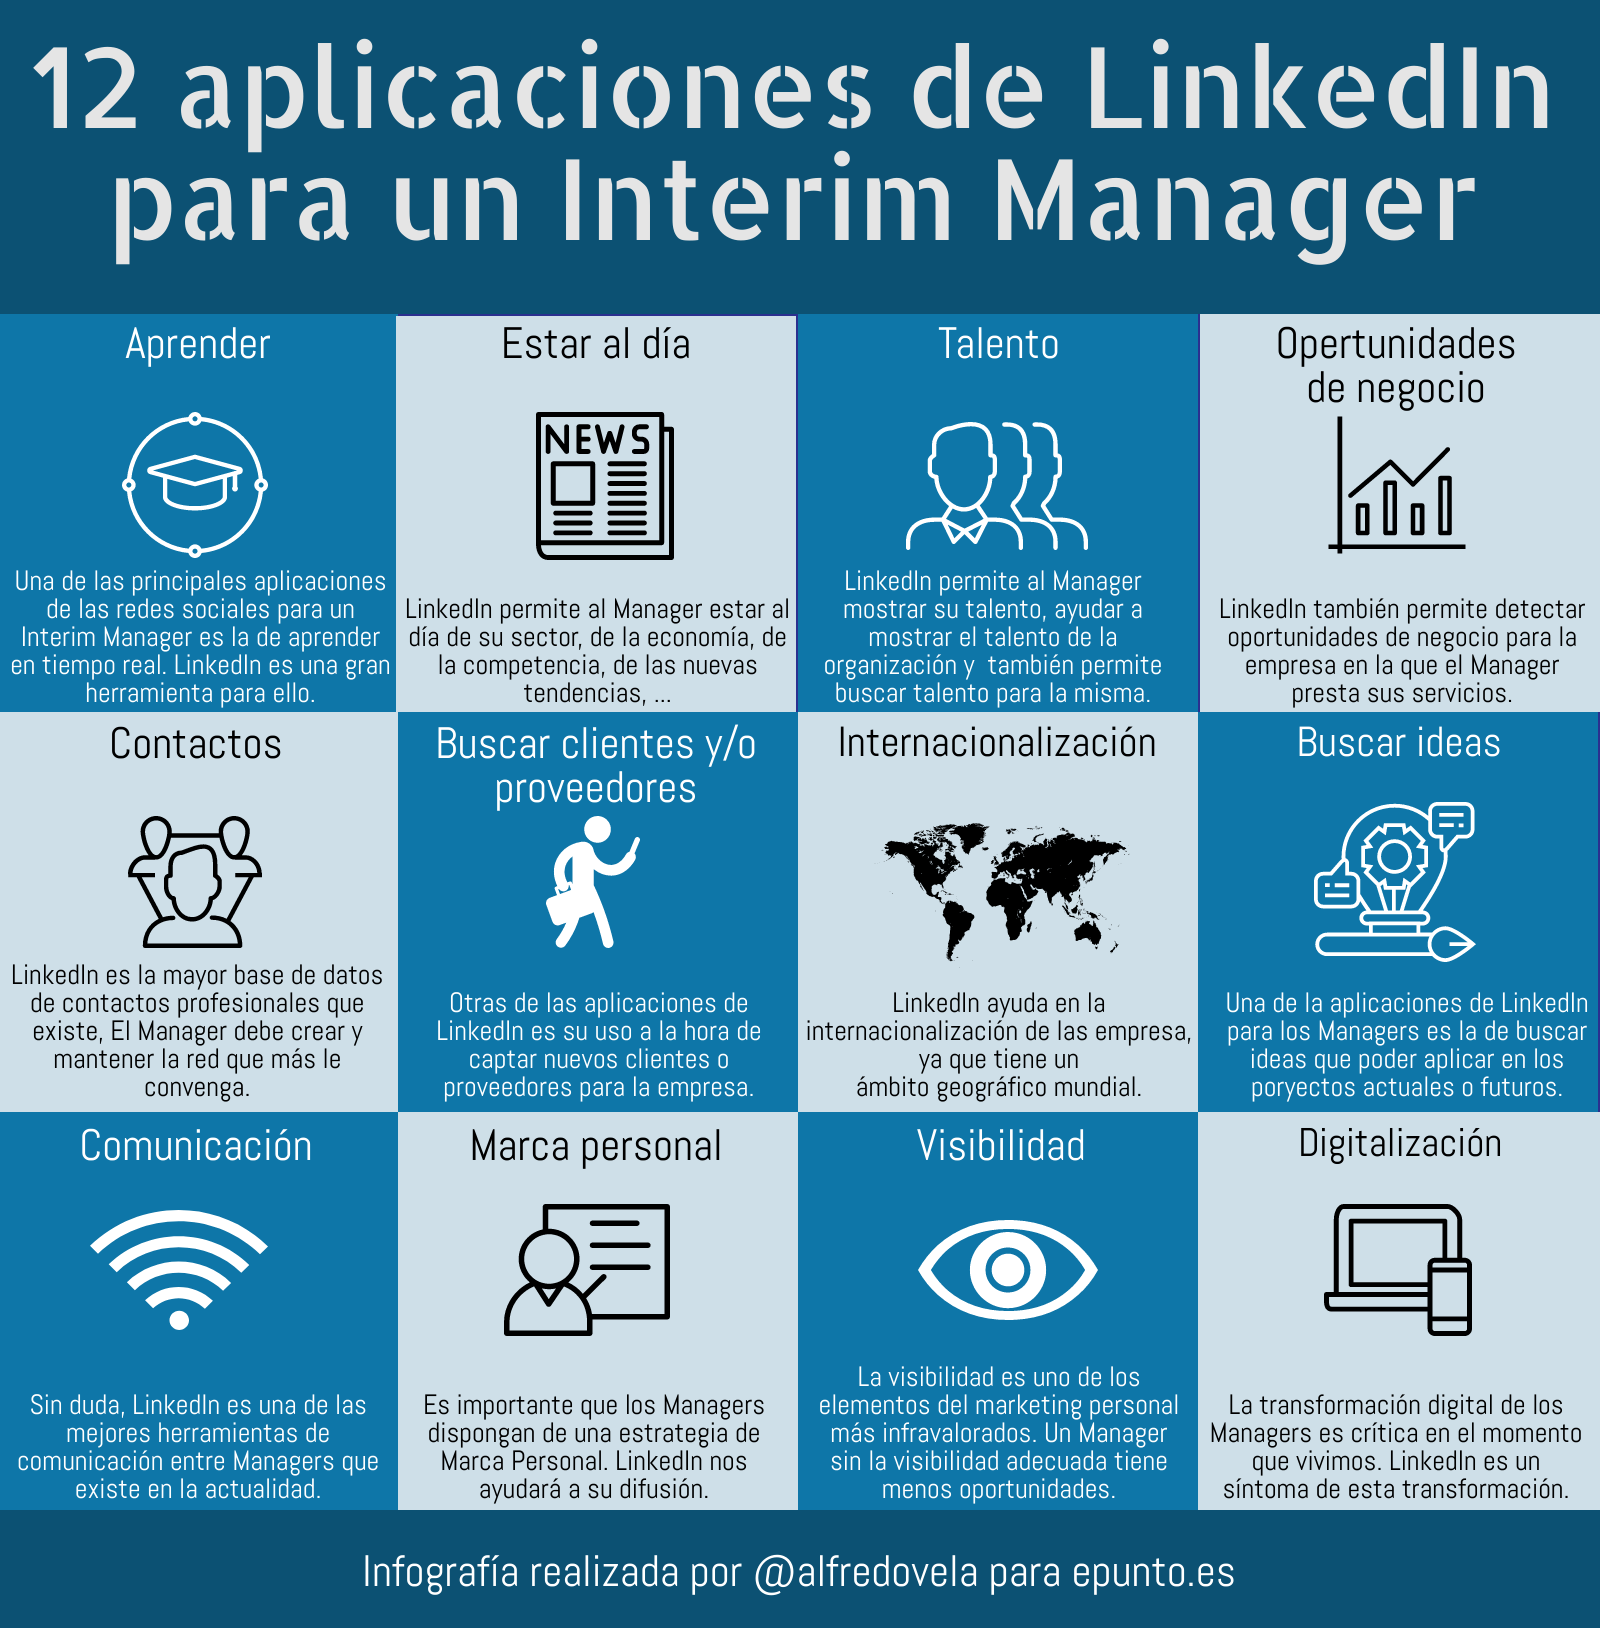 12 aplicaciones de LinkedIn para un Interim Manager #infografía #SocialMedia #InterimManager